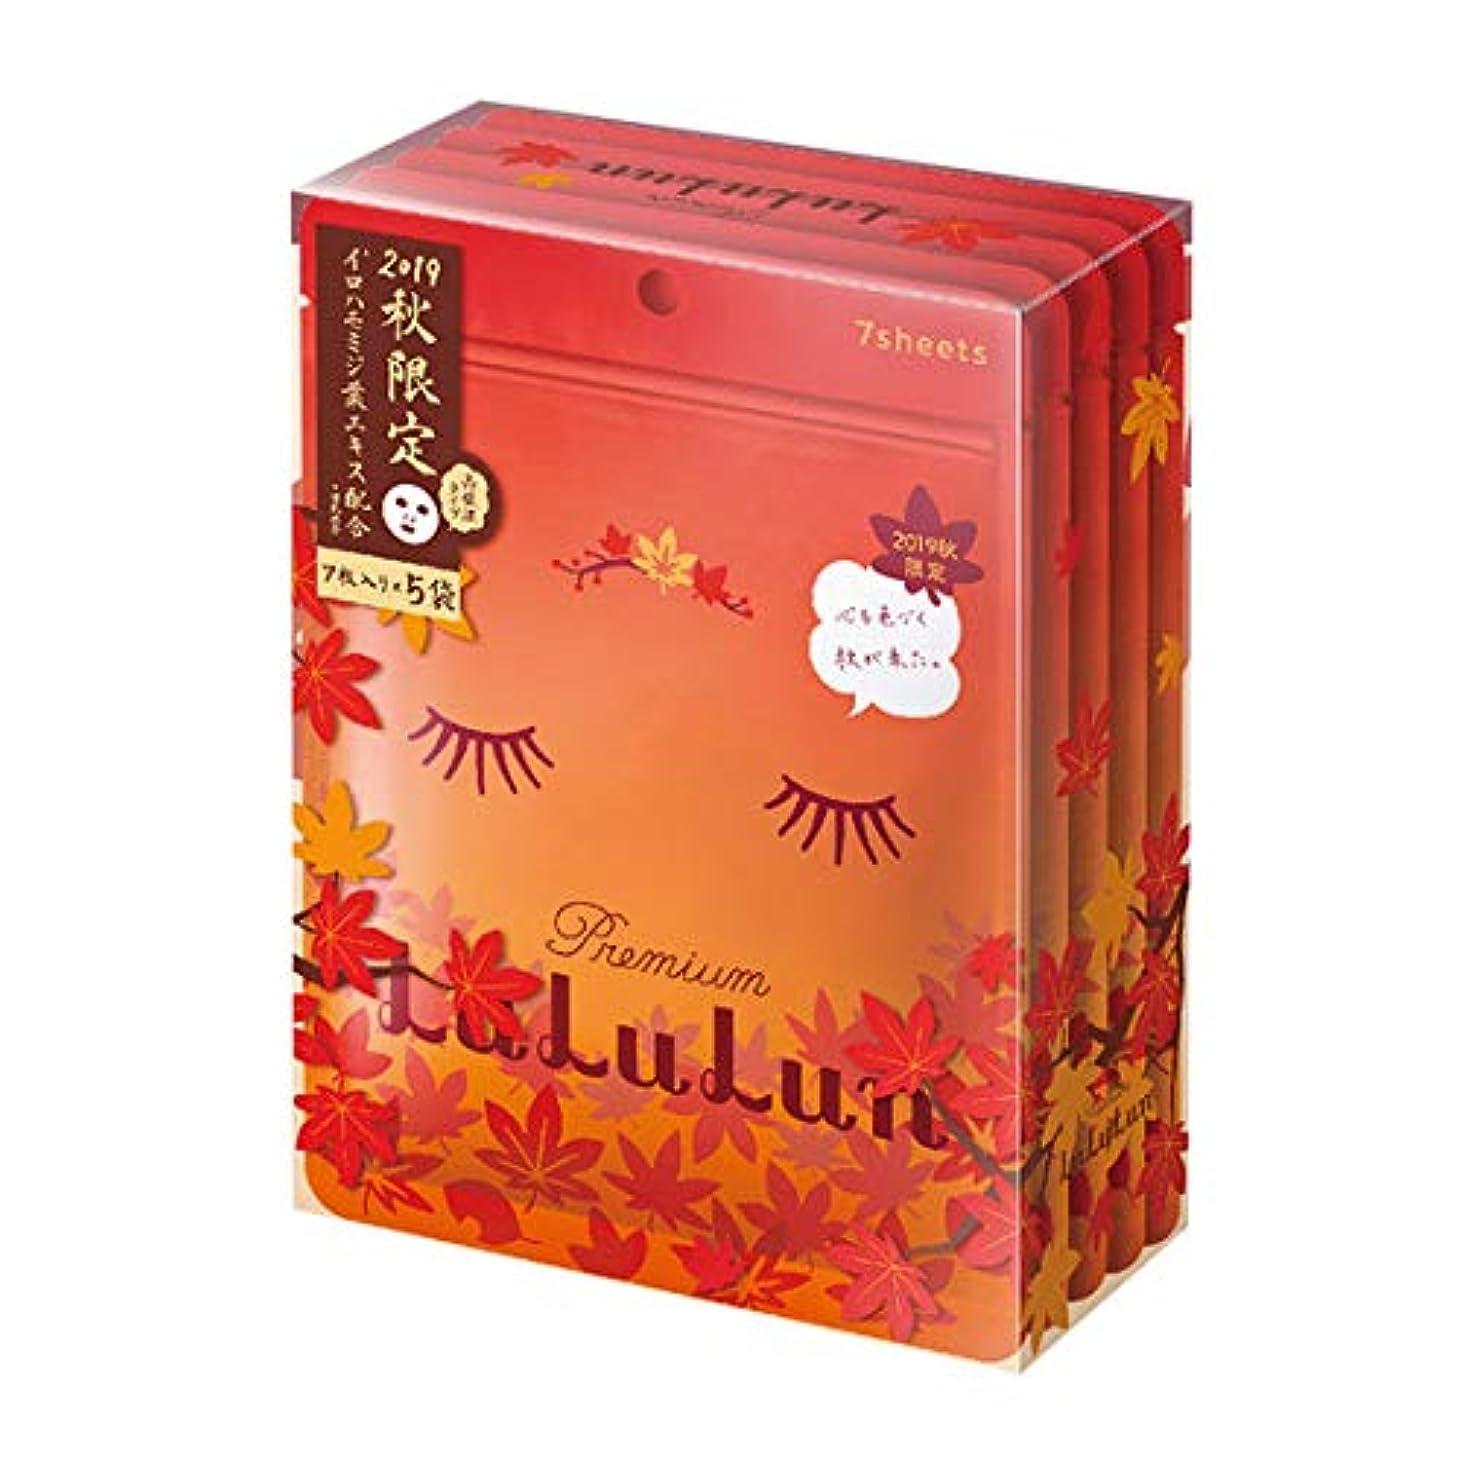 ちなみにシャックル知的秋 限定 紅葉 プレミアム ルルルン 7枚入り × 5袋